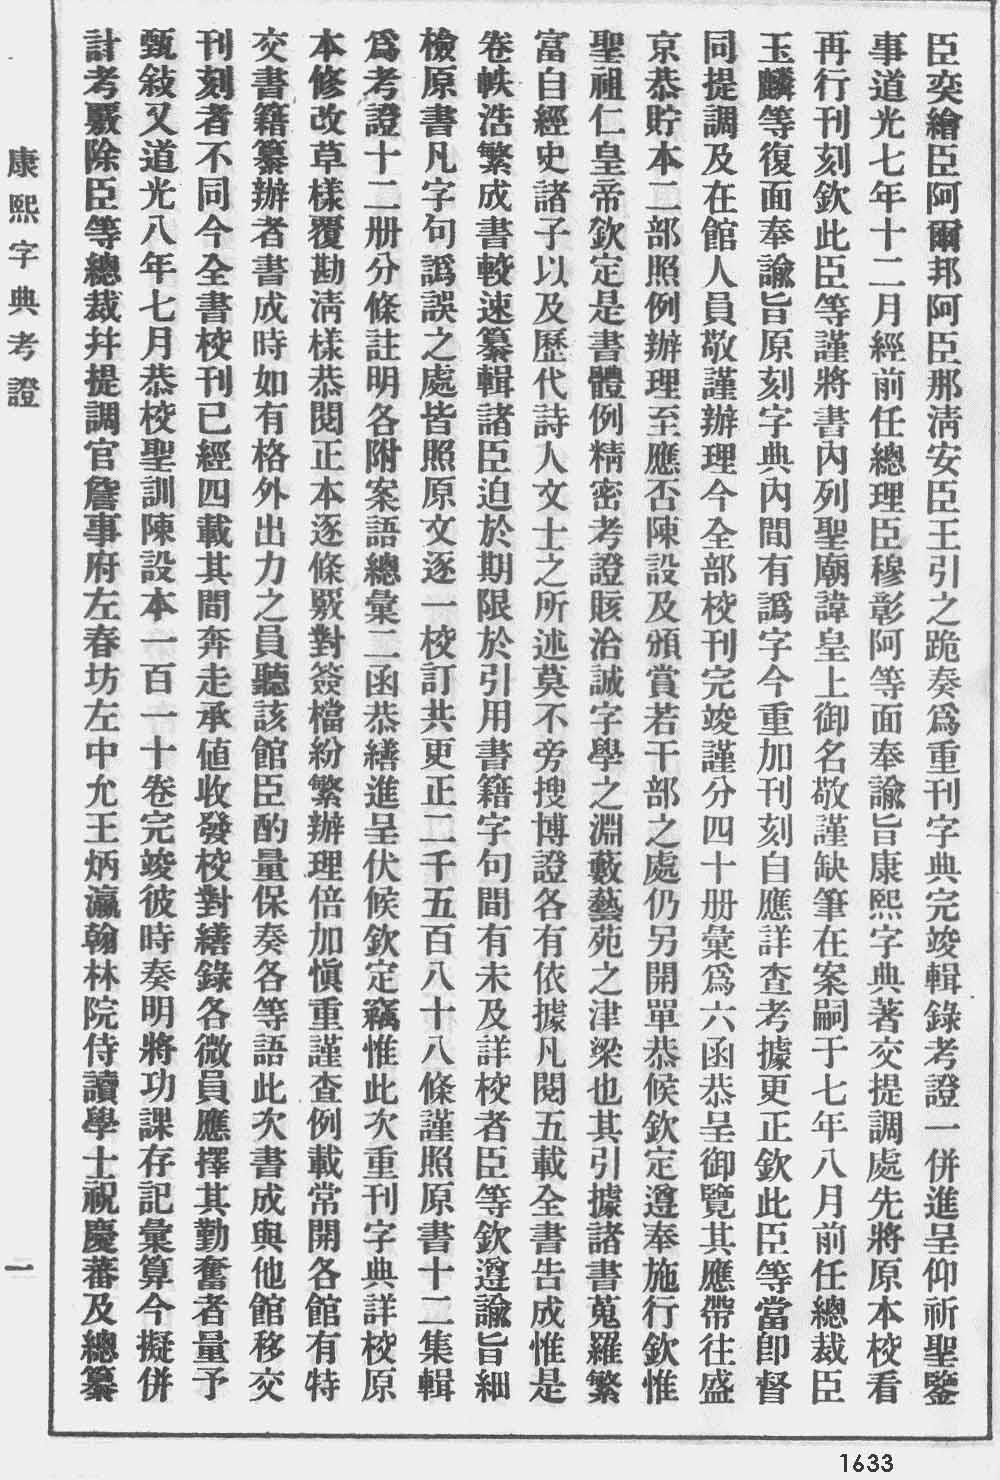 《康熙字典》第1633页